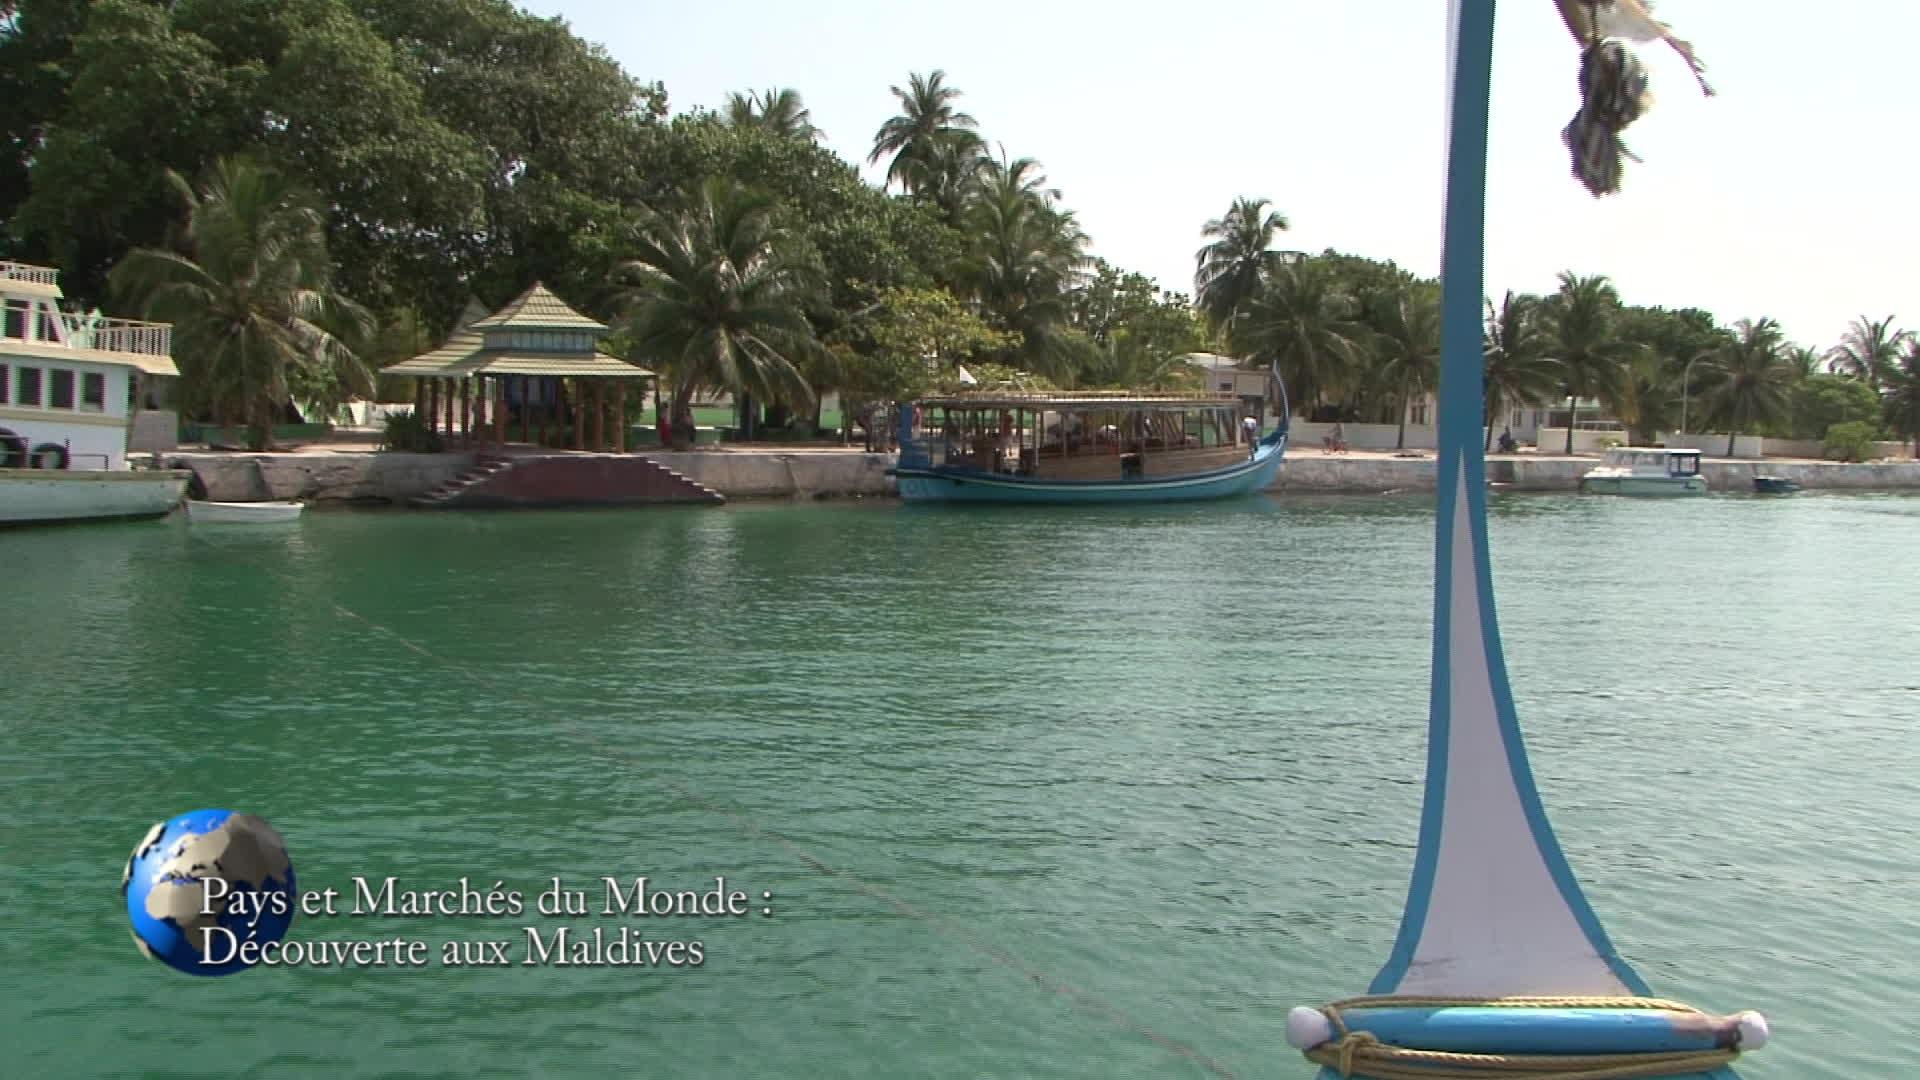 PAYS ET MARCHES DU MONDE-EP004-MALDIVES